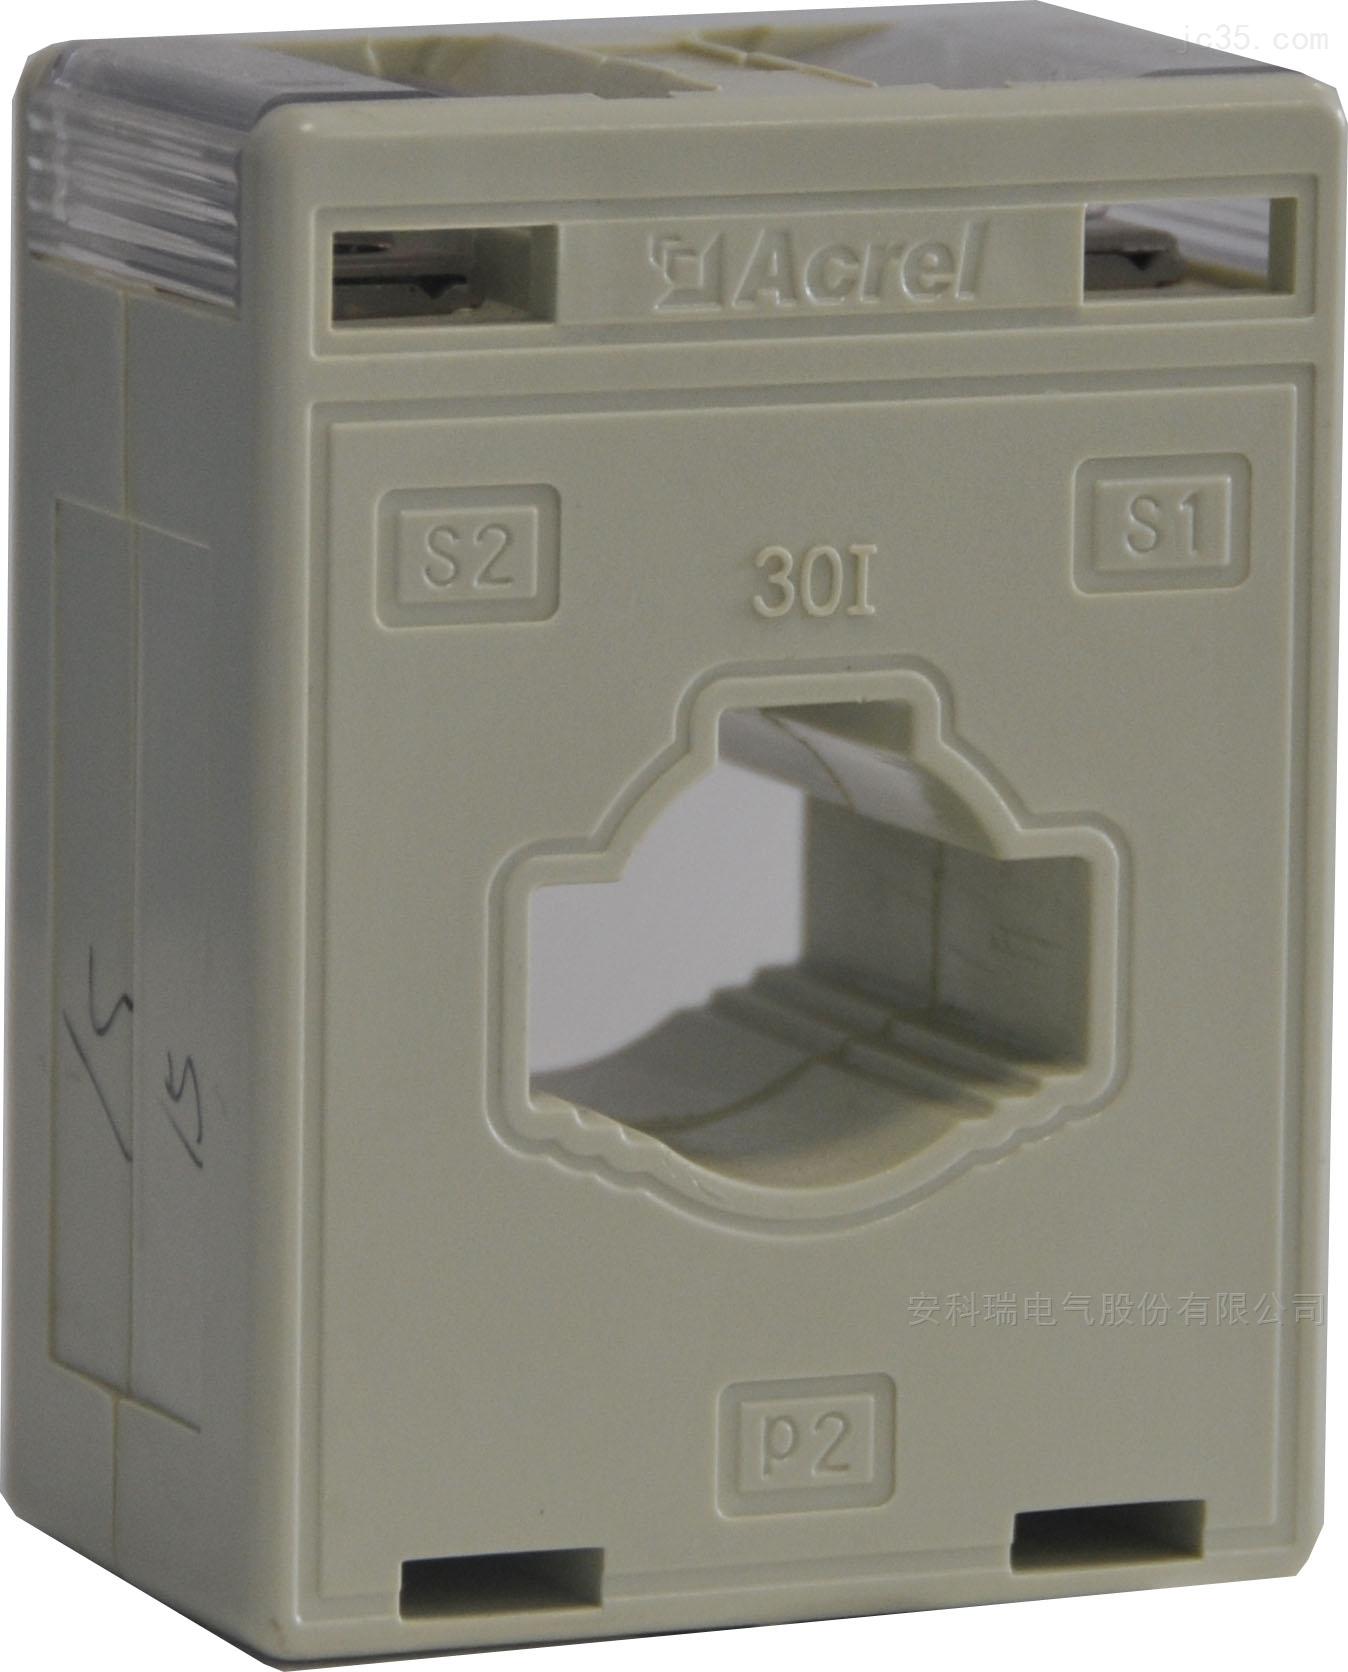 0.2S级低压高精度计量用电流互感器AKH-0.66G-30I